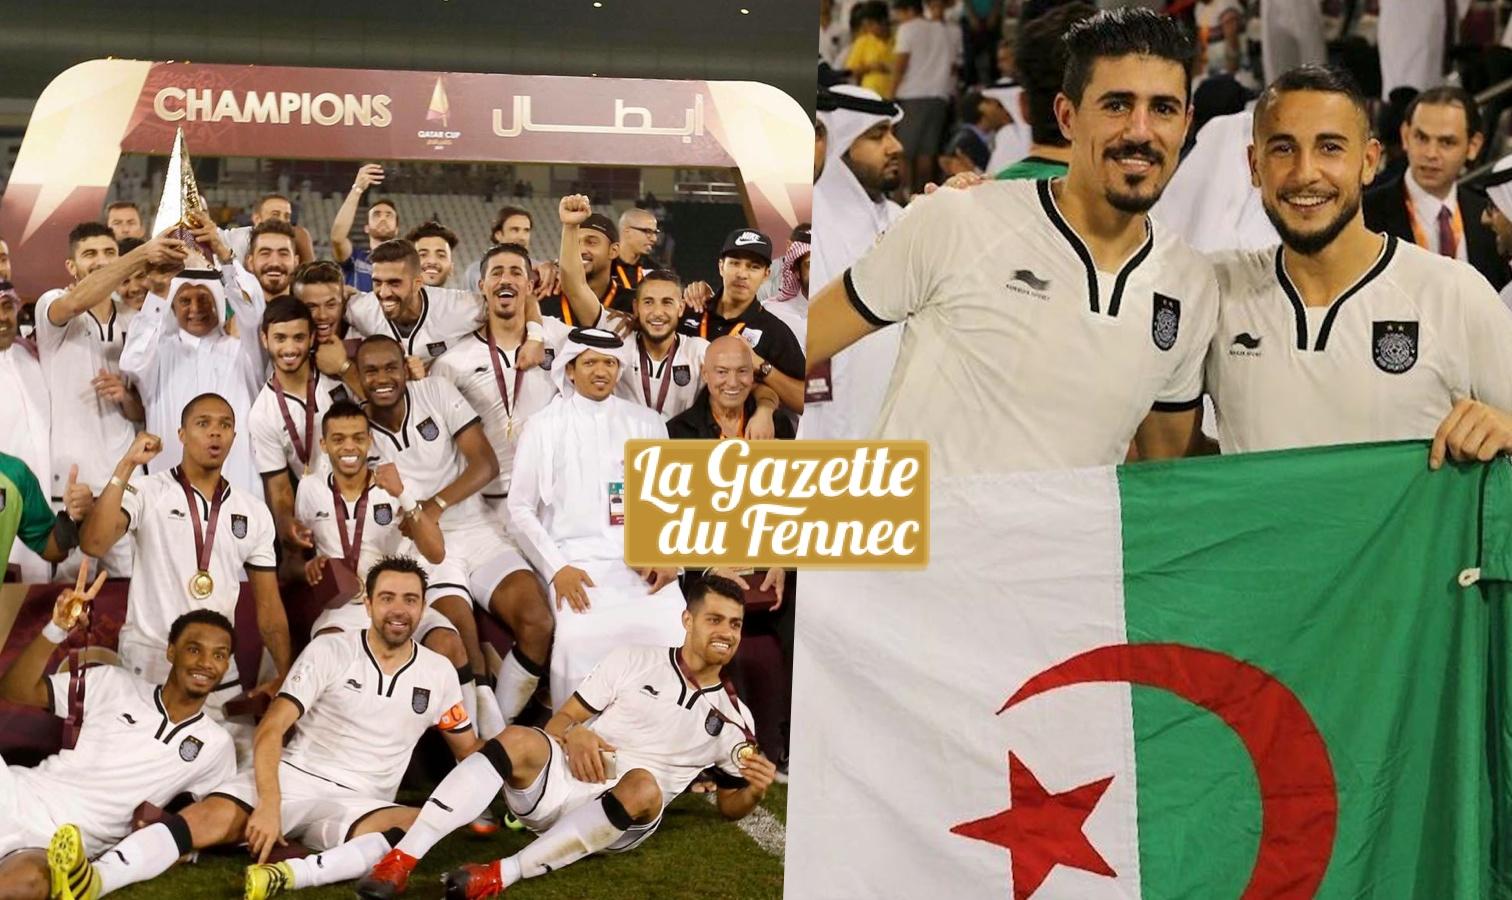 bounedjah hamroun qatar cup